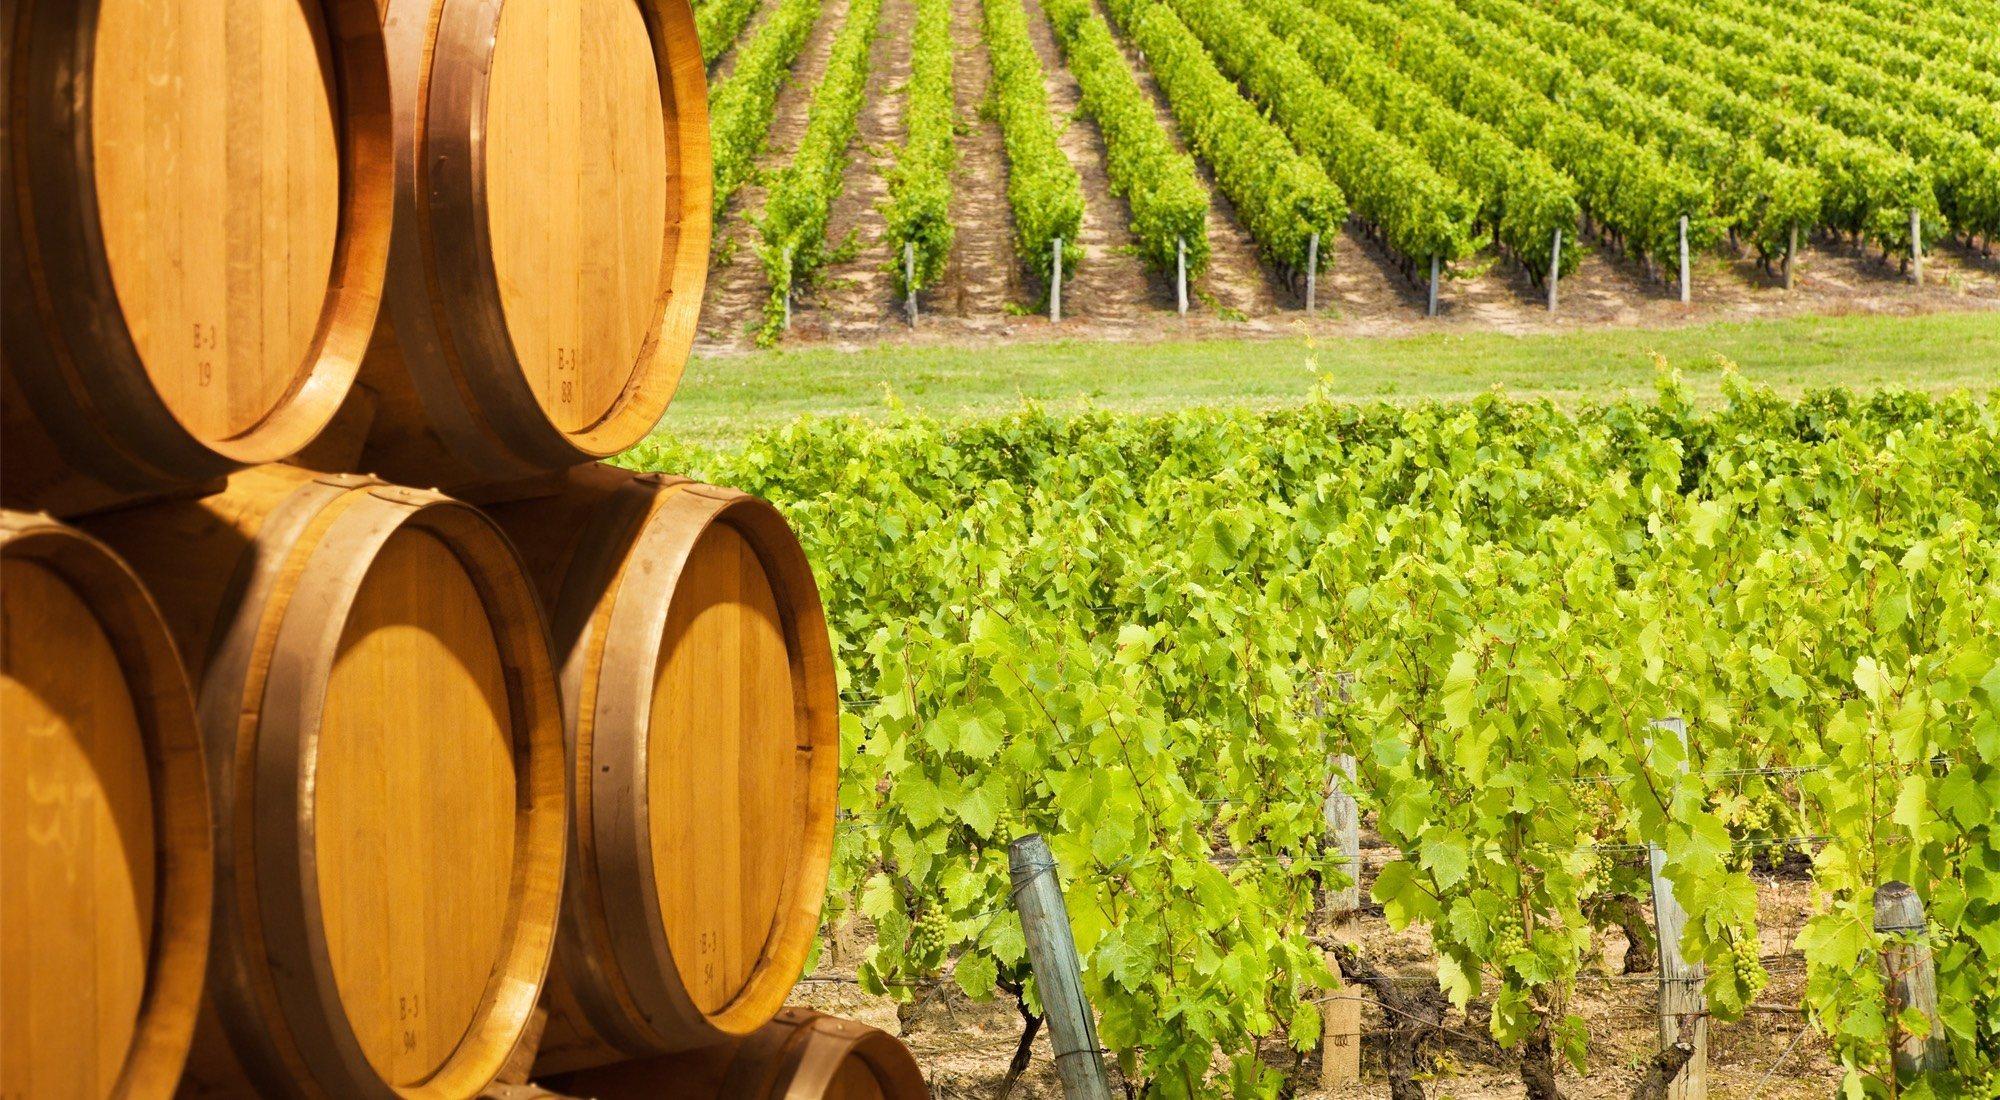 Vinos ecológicos: ¿cuál es su proceso de elaboración? ¿son recomendables?